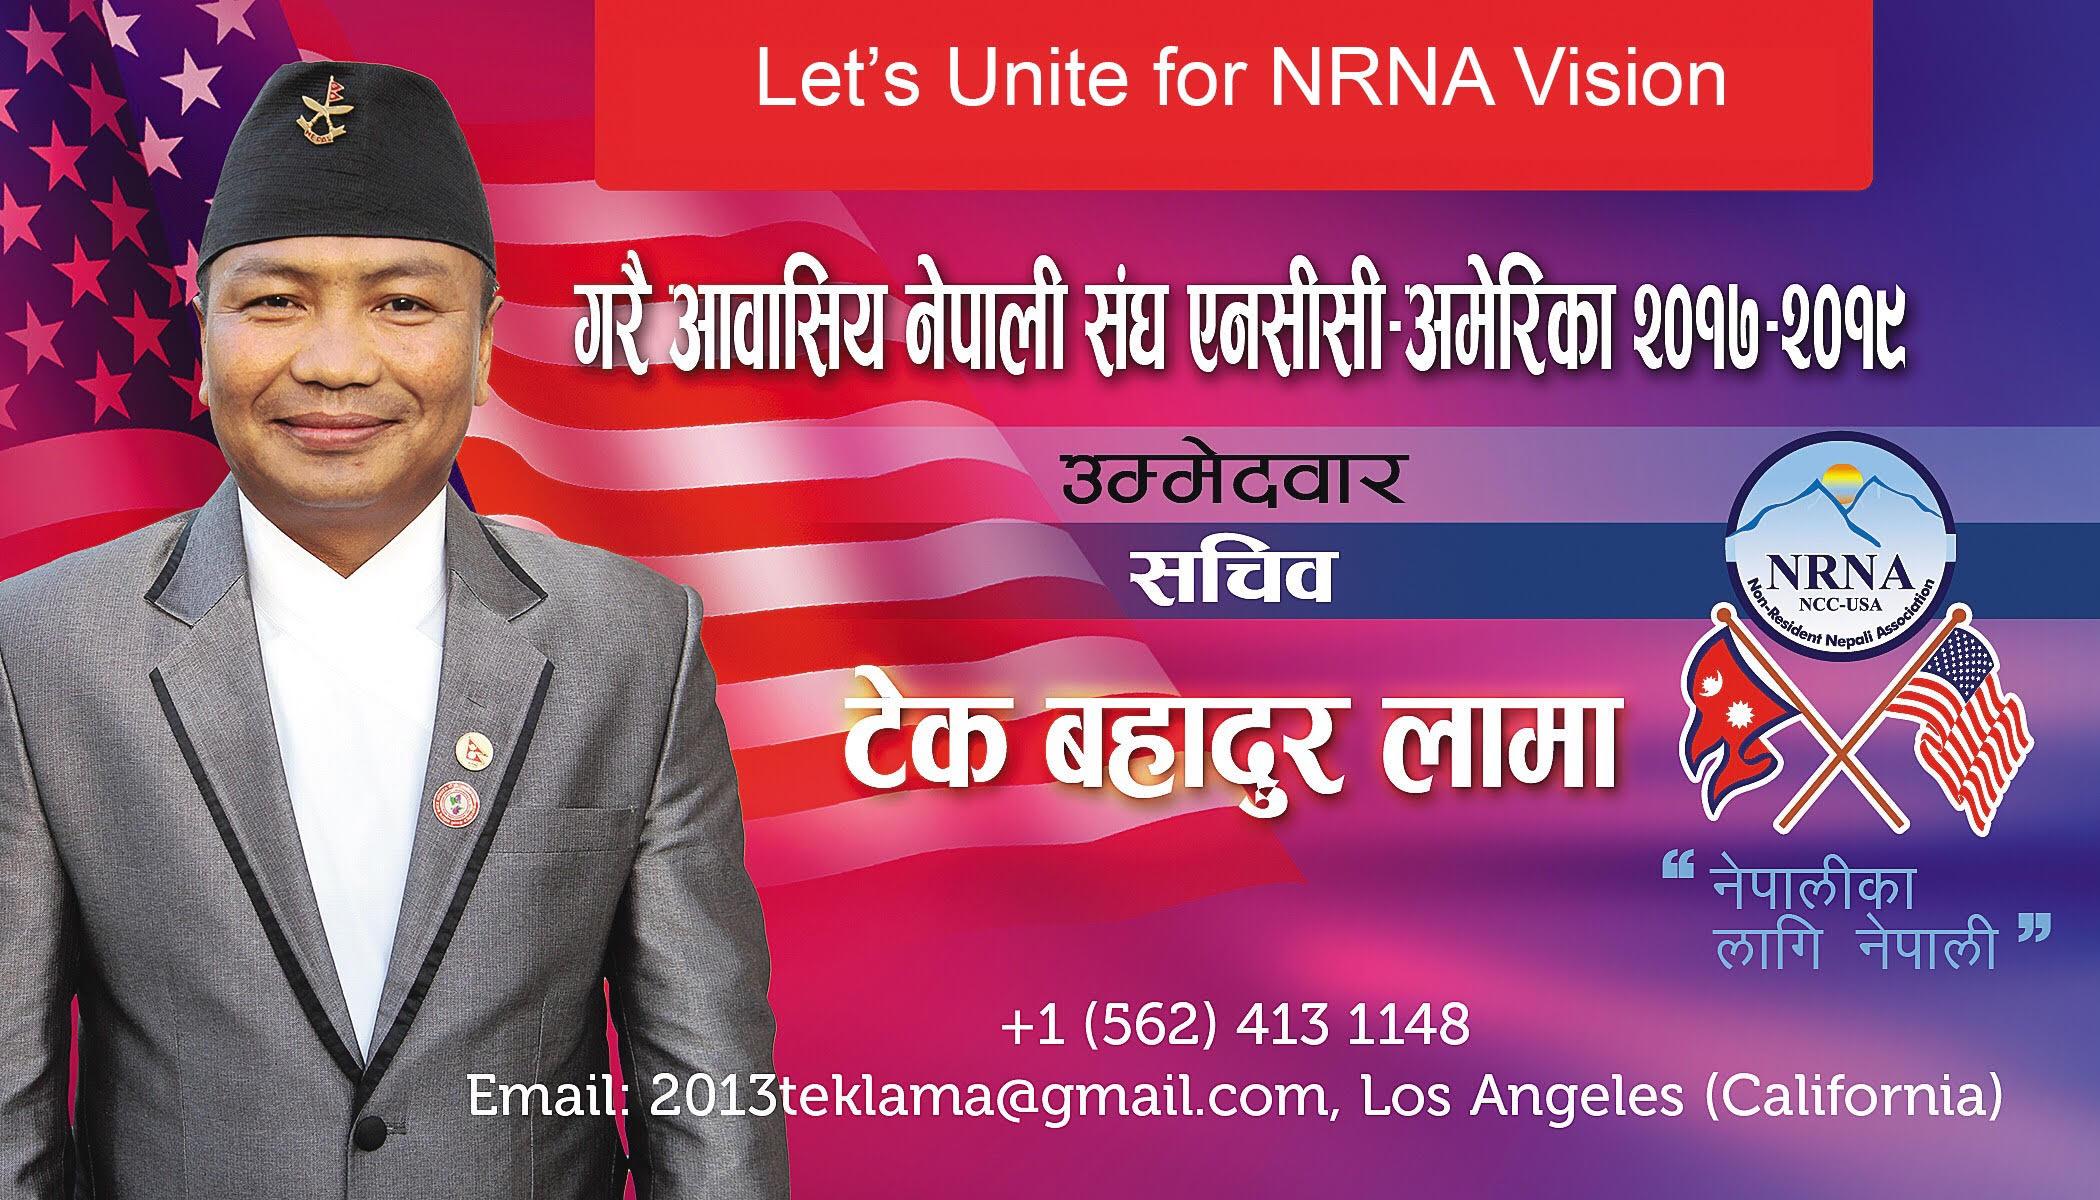 एनआरएन, अमेरिकाको निर्वाचनमा जाग्दैछन सचिव पदका उम्मेद्वार टेक लामा